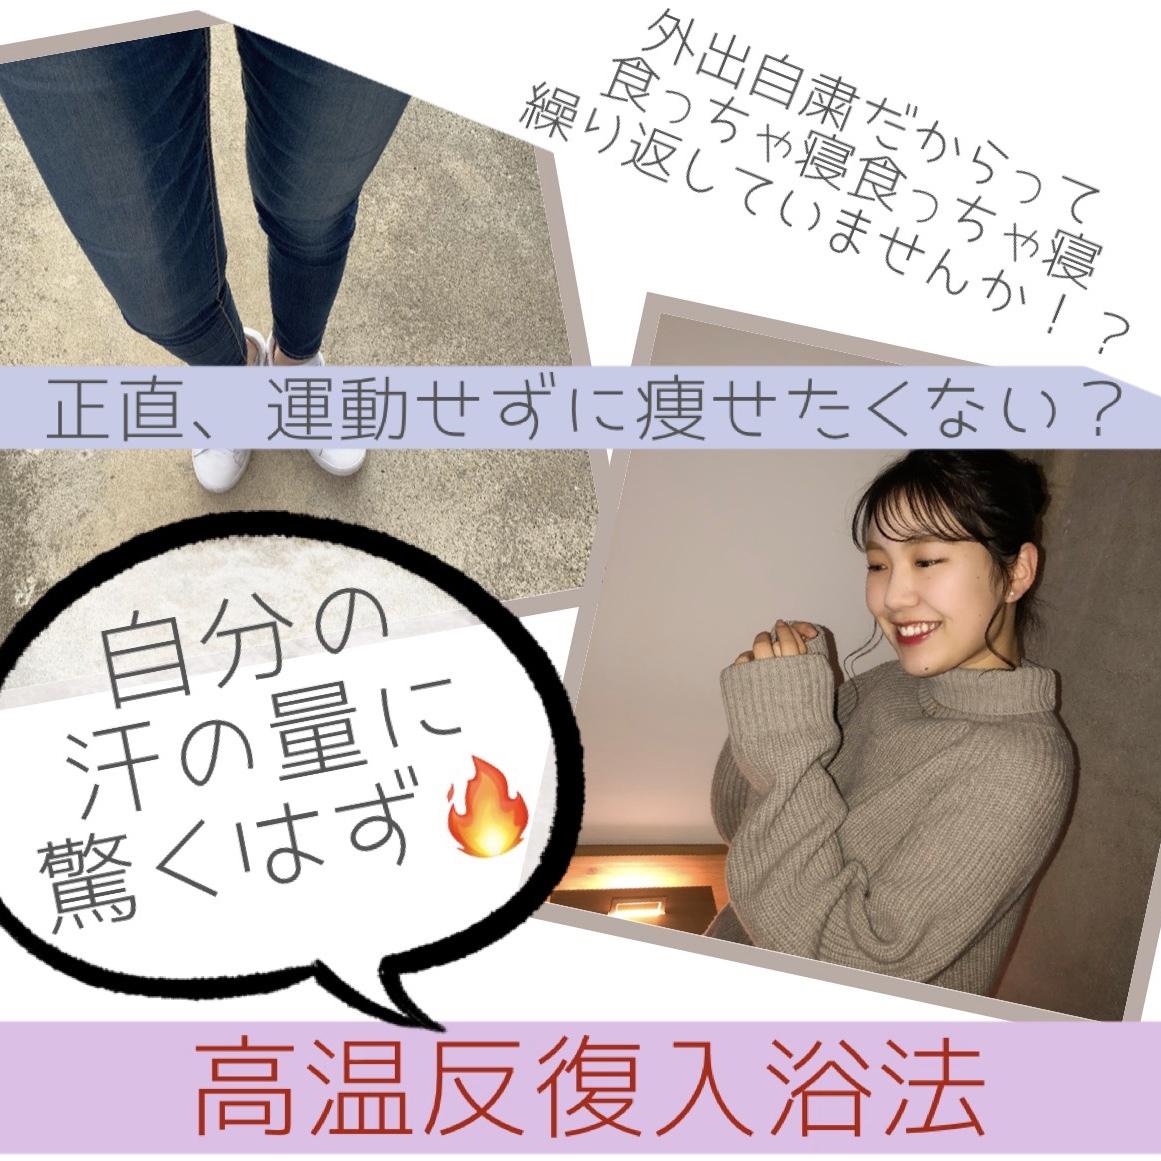 【おうち美容】お風呂でダイエット!!効率よく痩せちゃお?_1_1